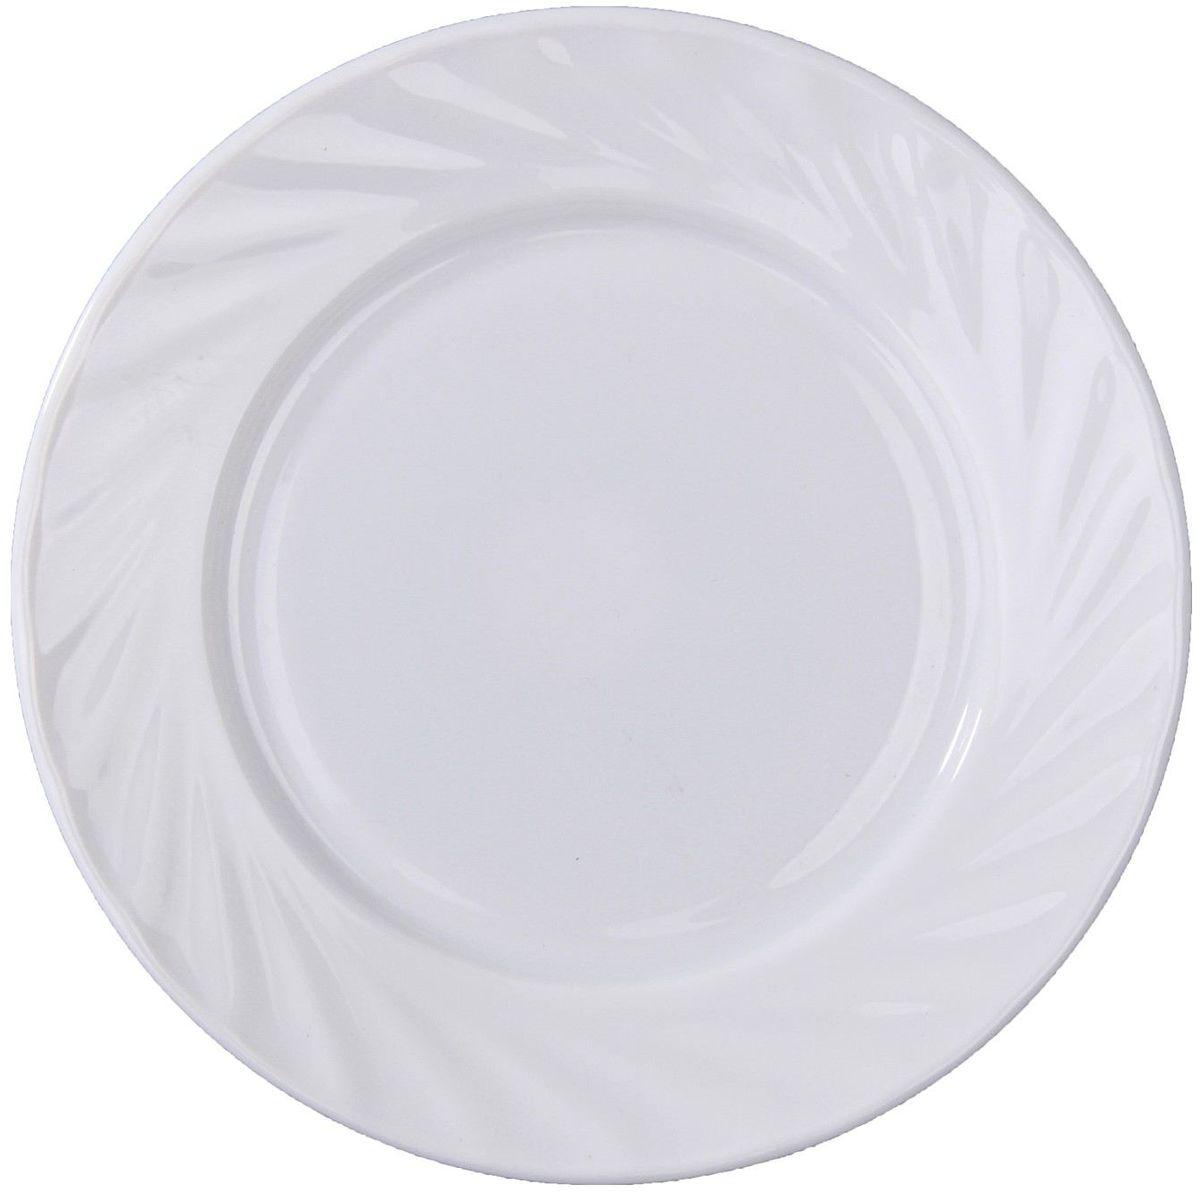 Тарелка – важнейший предмет любого застолья. Будучи во главе стола, она привлекает к себе основное внимание. А это значит – рисунок, цвет и материал играют немаловажную роль.Почему во всем мире так ценится посуда из стеклокермики?Универсальна. Ее можно использовать и для приготовления пищи, и для безопасного хранения любых готовых блюд. В такой посуде можно кипятить, варить, жарить парить, тушить и запекать любые продукты.Ударопрочна и травмобезопасна. Термическое стекло – очень прочный материал, который не поддается механическим нагрузкам, не бьется, не колется и не трескается.Термически устойчива (жаропрочна). Посуда не деформируется при нагреве и подходит для СВЧ-печей.Химически инертна. Стеклянные поверхности посуды совершенно нечувствительны к воздействию моющих и чистящих средств.Экологически и гигиенически безопасна. Стеклокерамика – исключительно «чистый» материал, не выделяющий вредных летучих соединений даже при сильном нагреве, не впитывает запахов и не передает их хранящейся или готовящейся пище.Удобна в уходе. Моется обычной теплой водой, не формирует накипь и нагар.Эстетически привлекательна. Прозрачное, матовое и тонированное термическое стекло имеет оригинальный вид, который сохраняется в любых технических условиях на долгие годы.